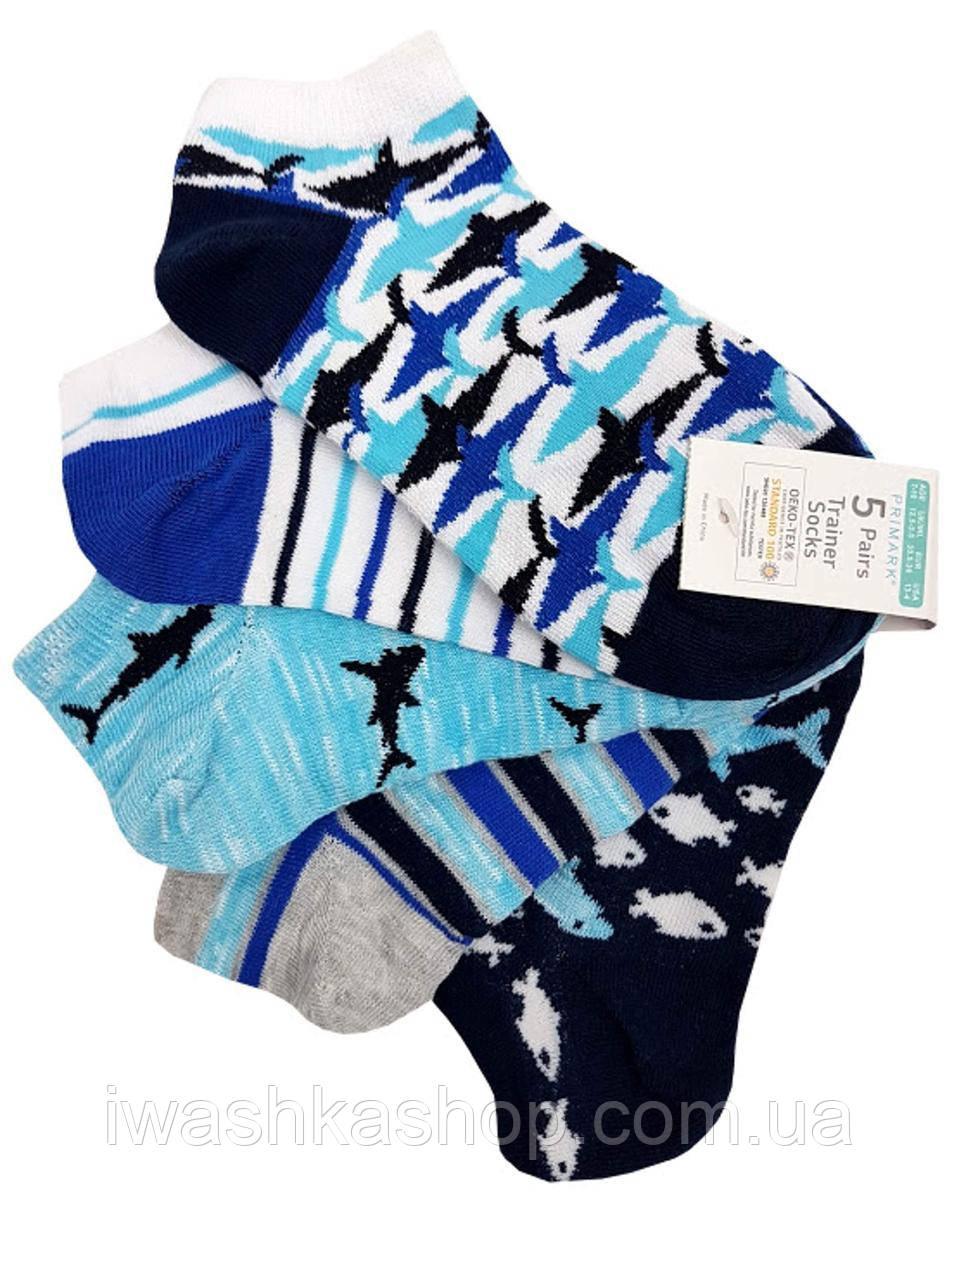 Стильные низкие носки с акулами на мальчиков 7 - 10 лет, р. 30,5 - 36, Primark